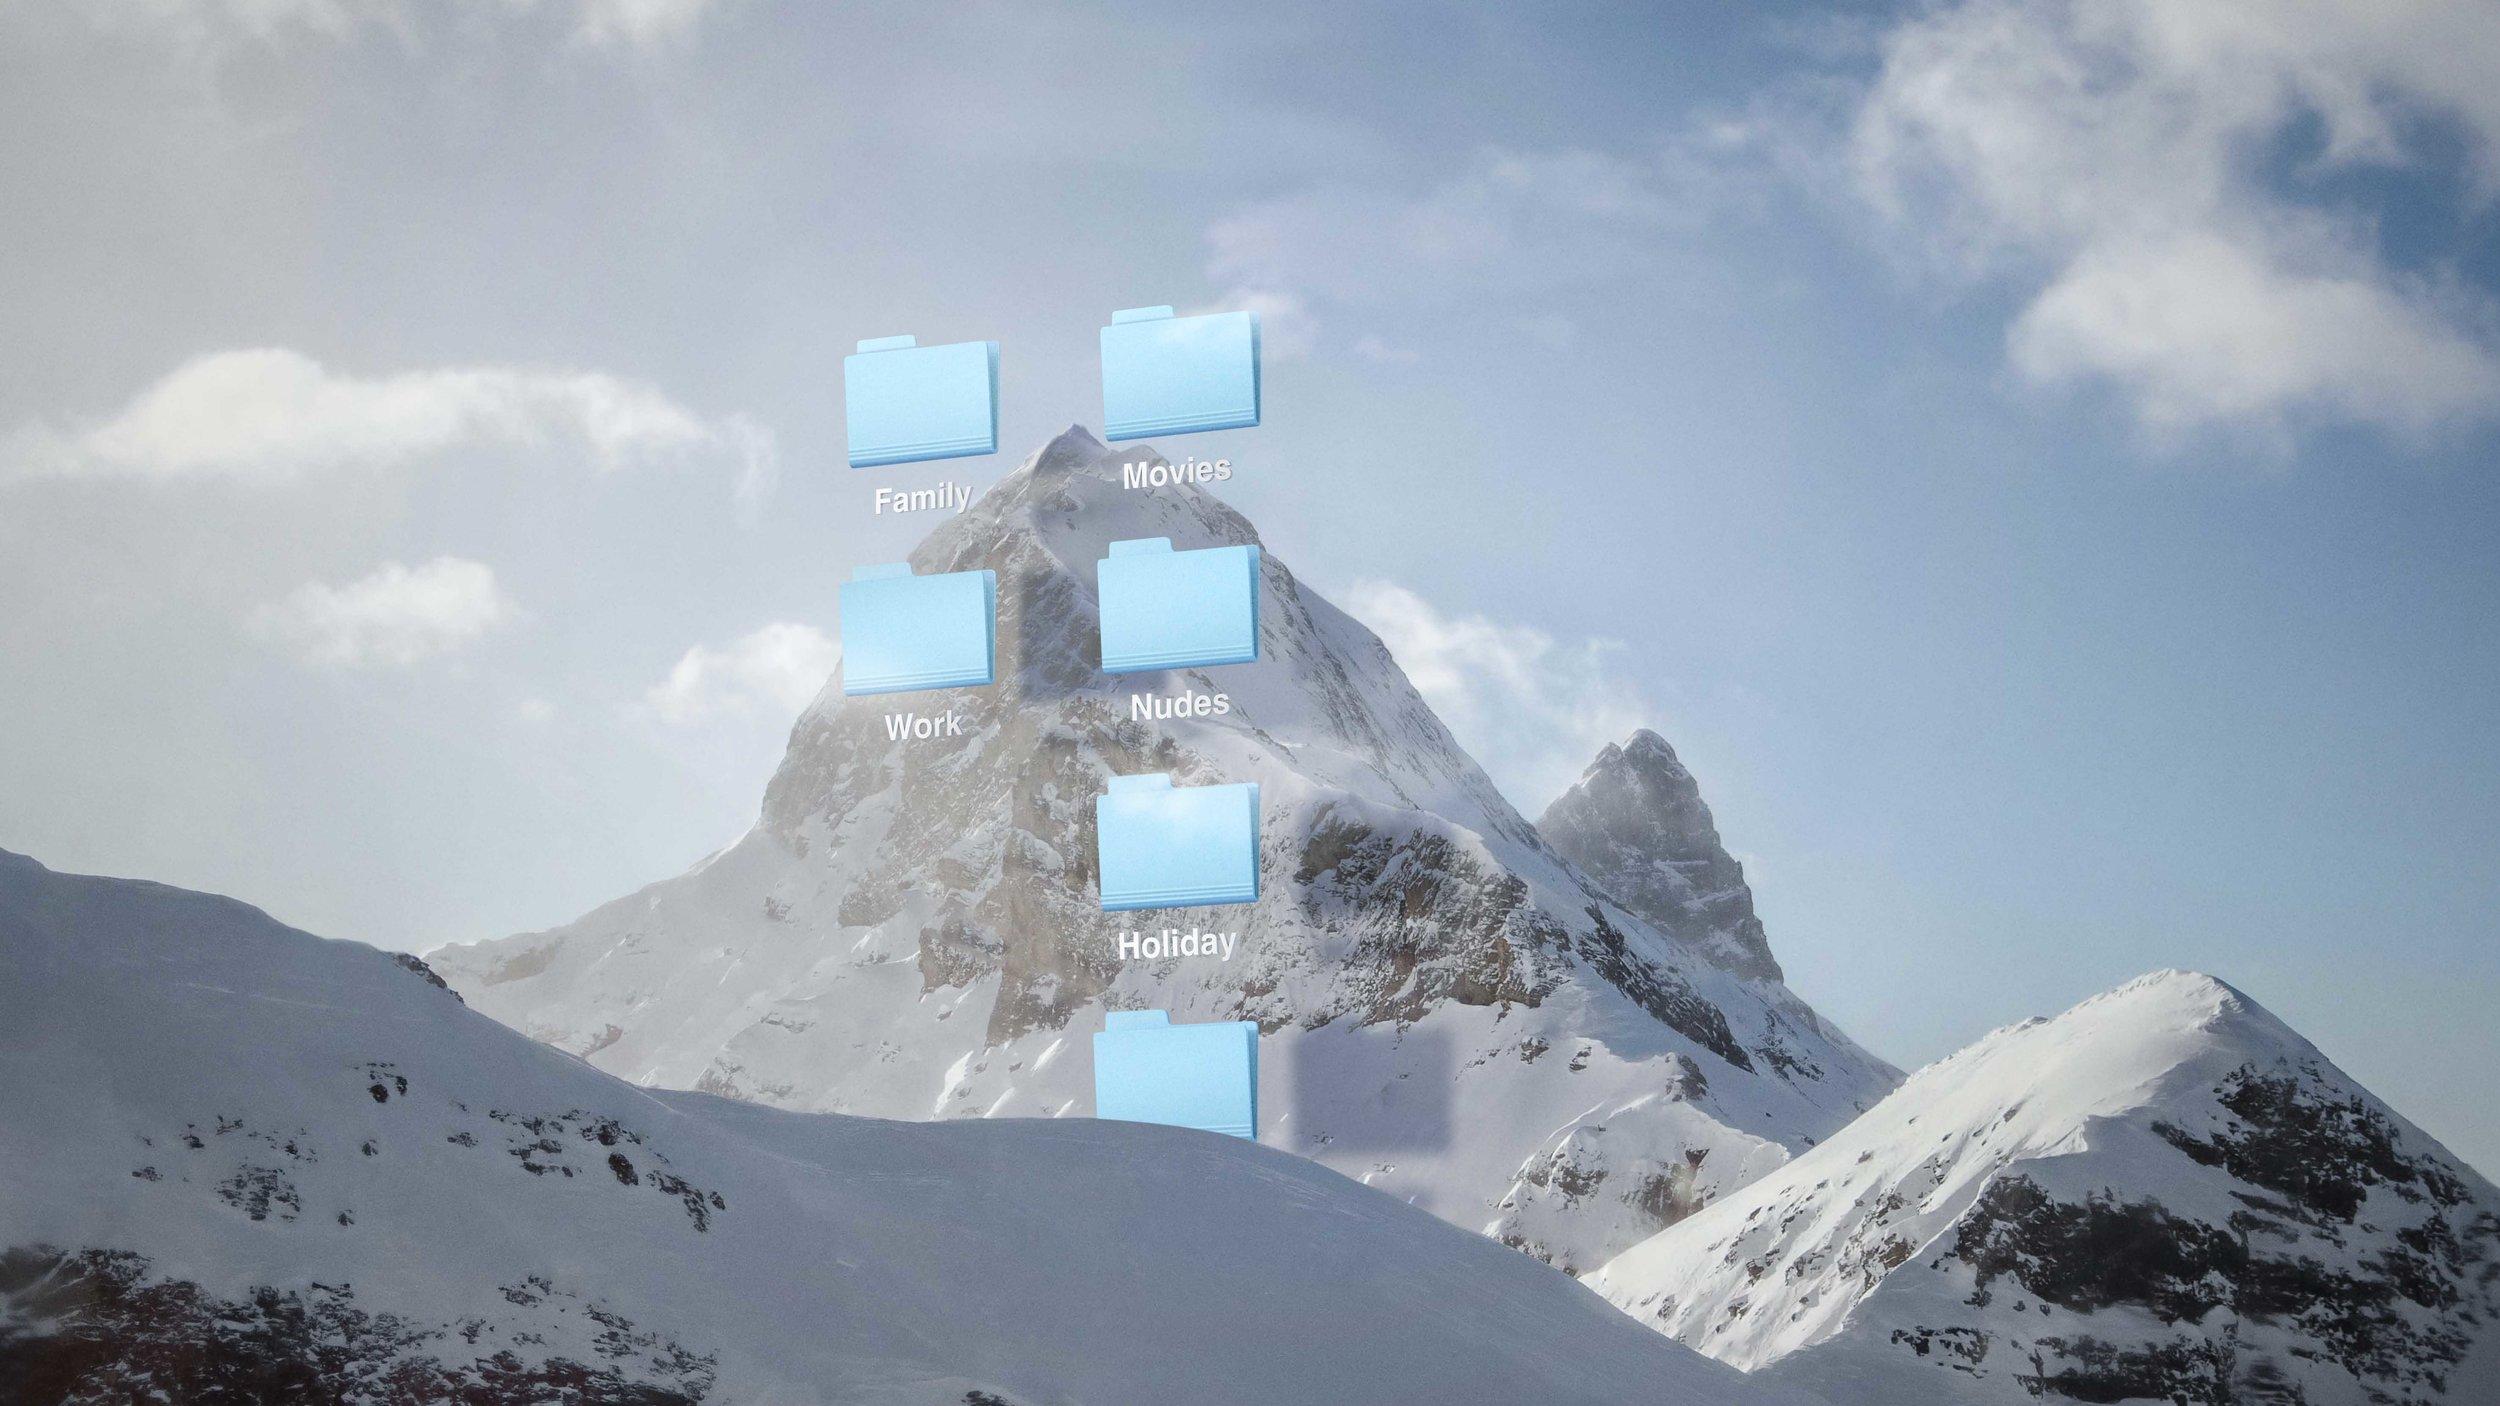 Snow Mountain_RET_16x9_v2_SA.jpg